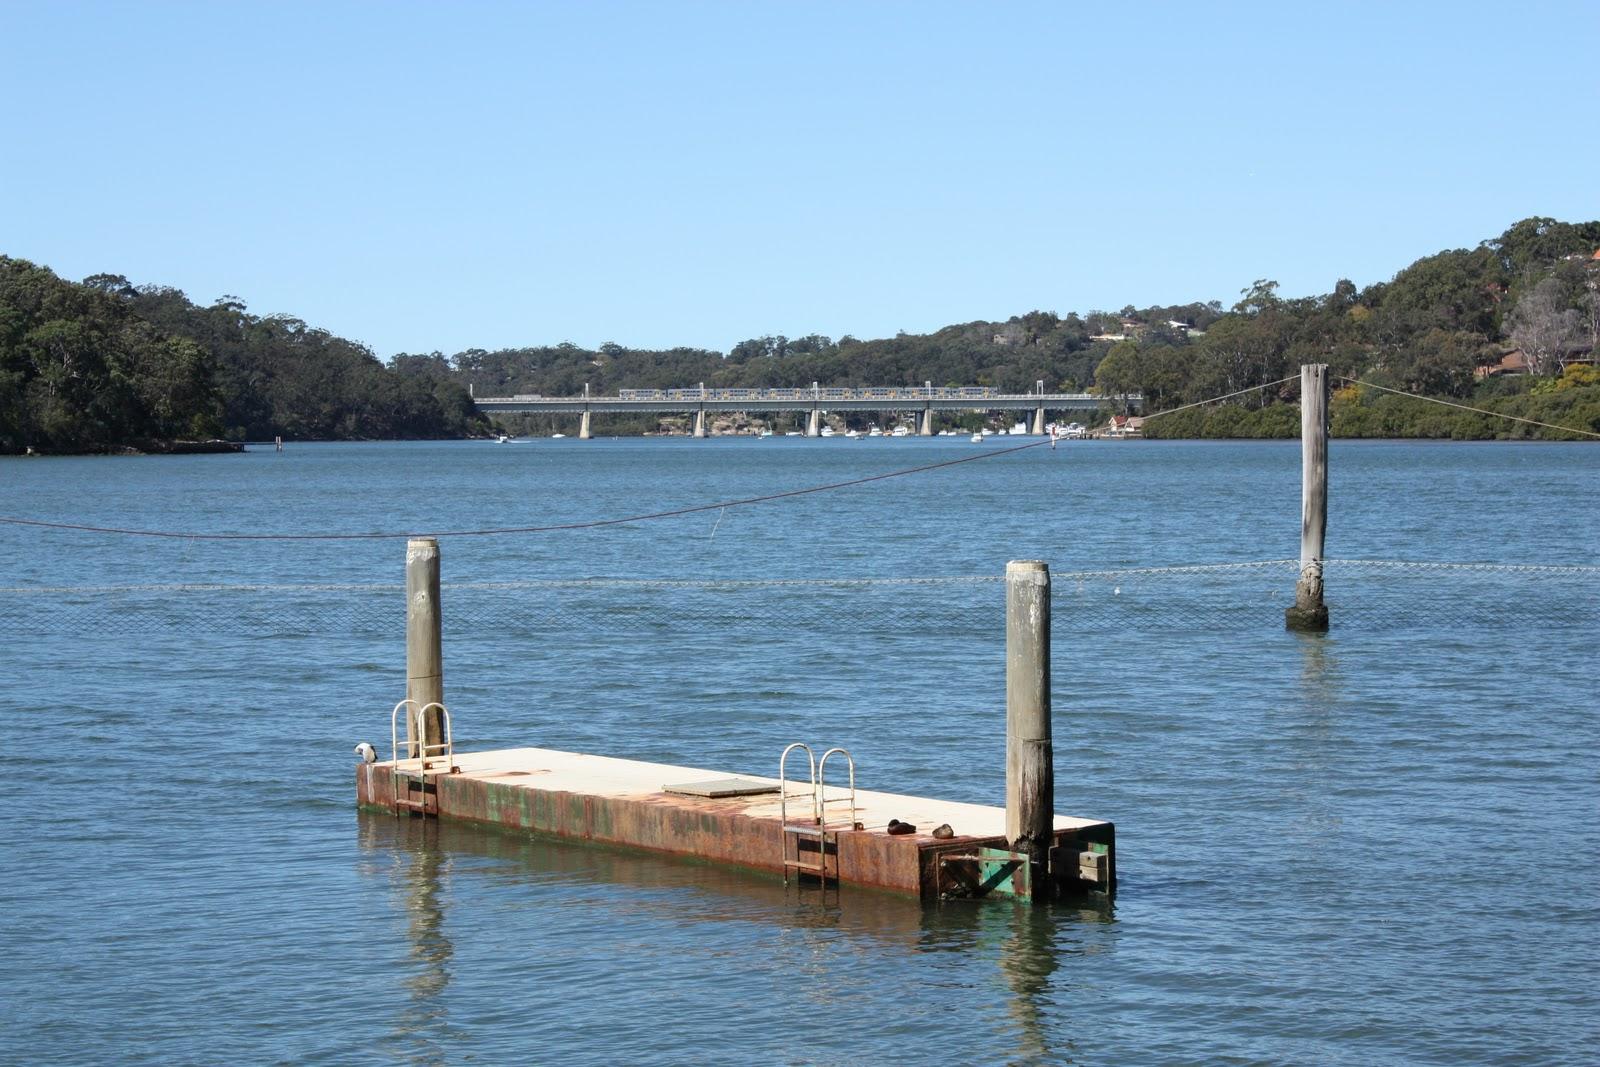 Sydney - City and Suburbs: Oatley, baths